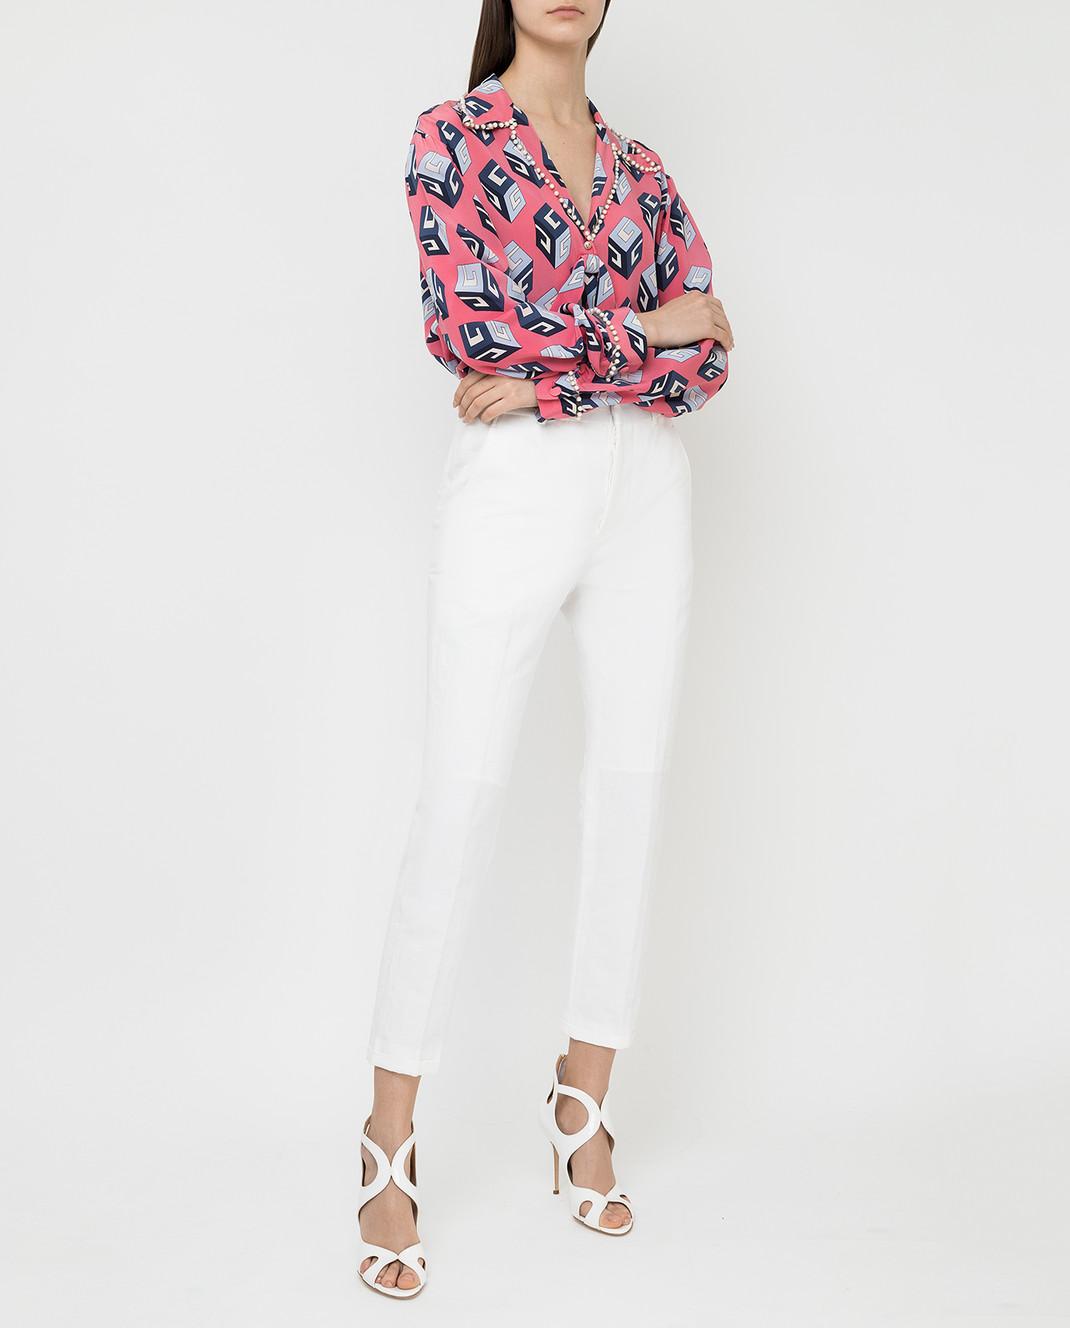 Marni Белые брюки PAMAR09MU1TL234 изображение 2